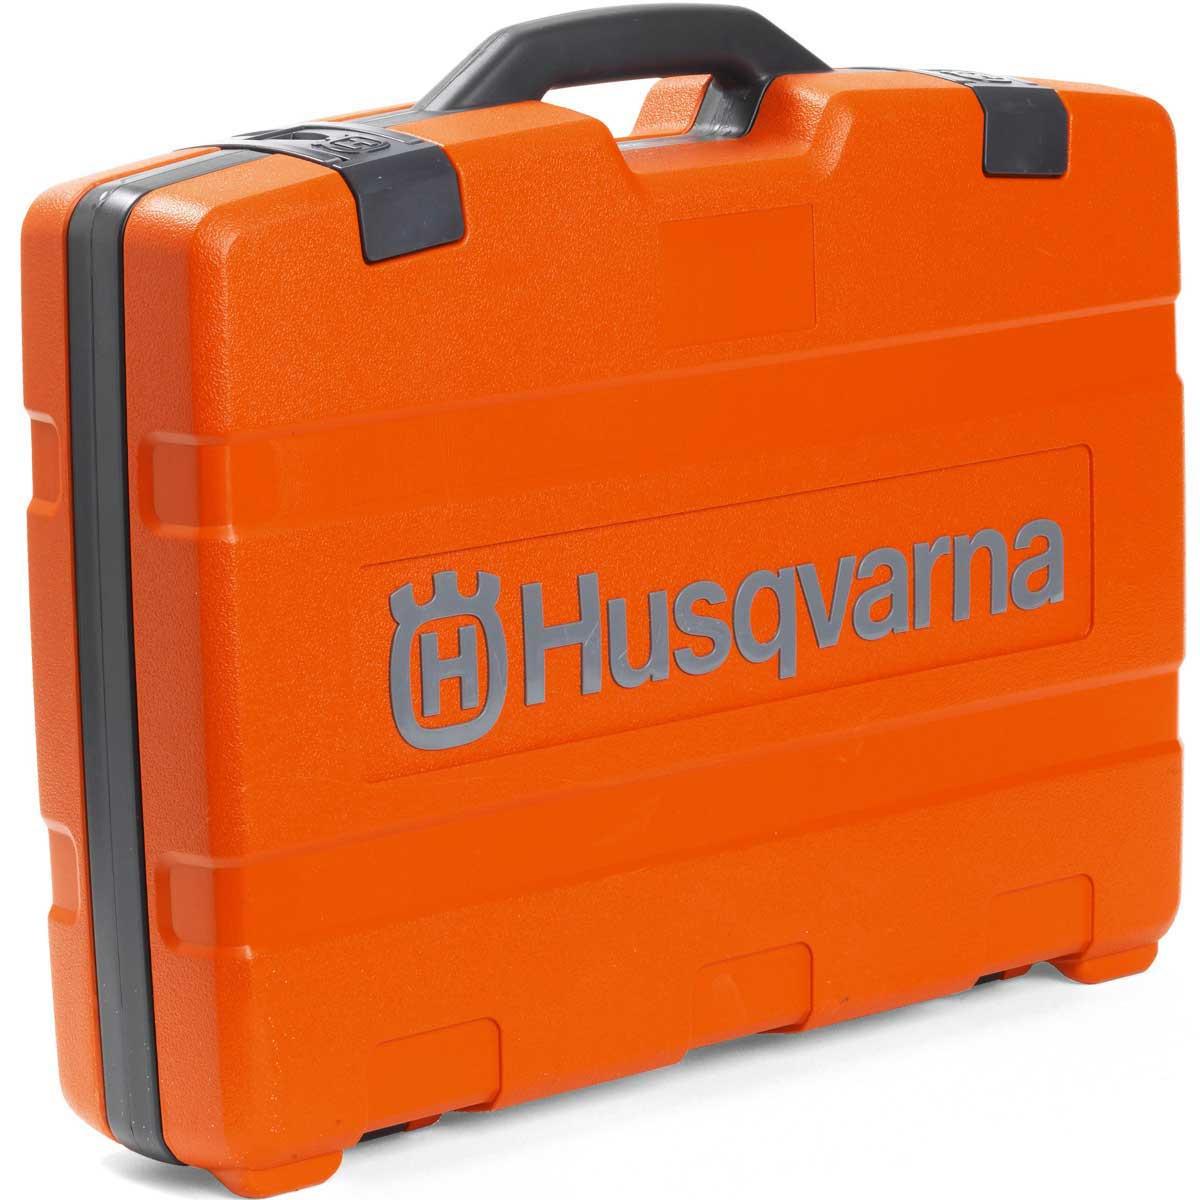 Husqvarna DM230 core drill case